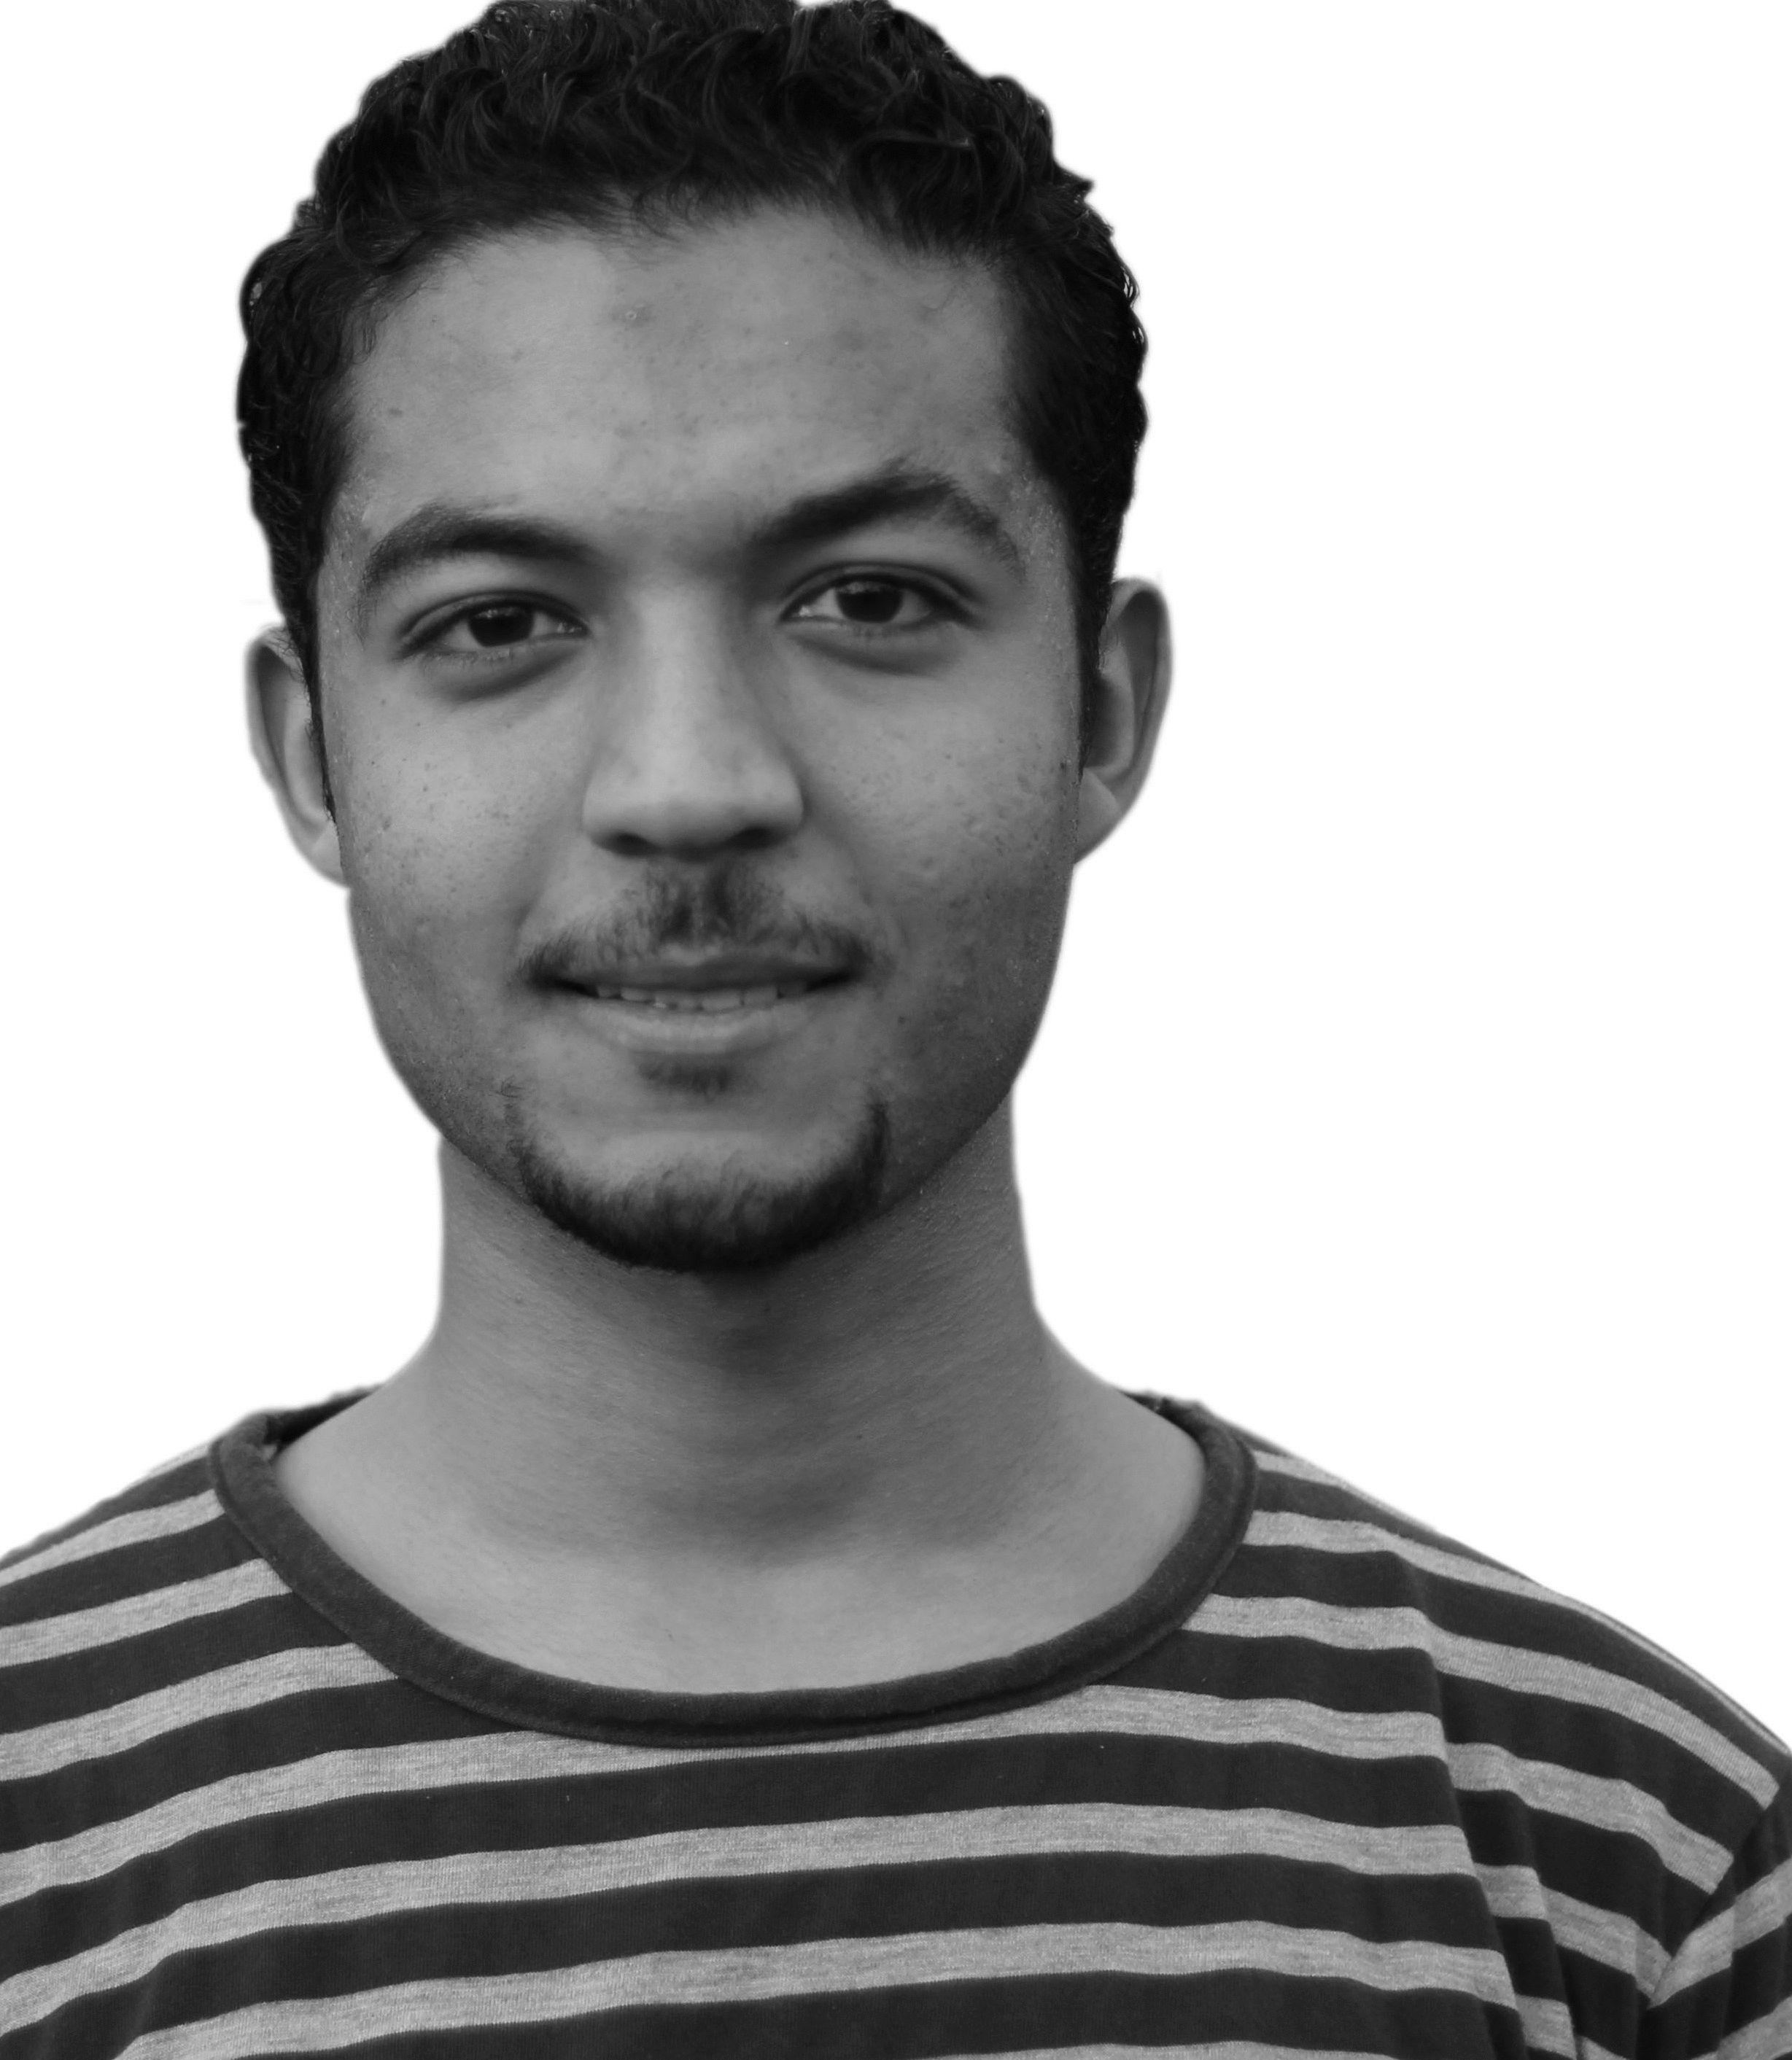 أحمد شعبان حلوة Headshot